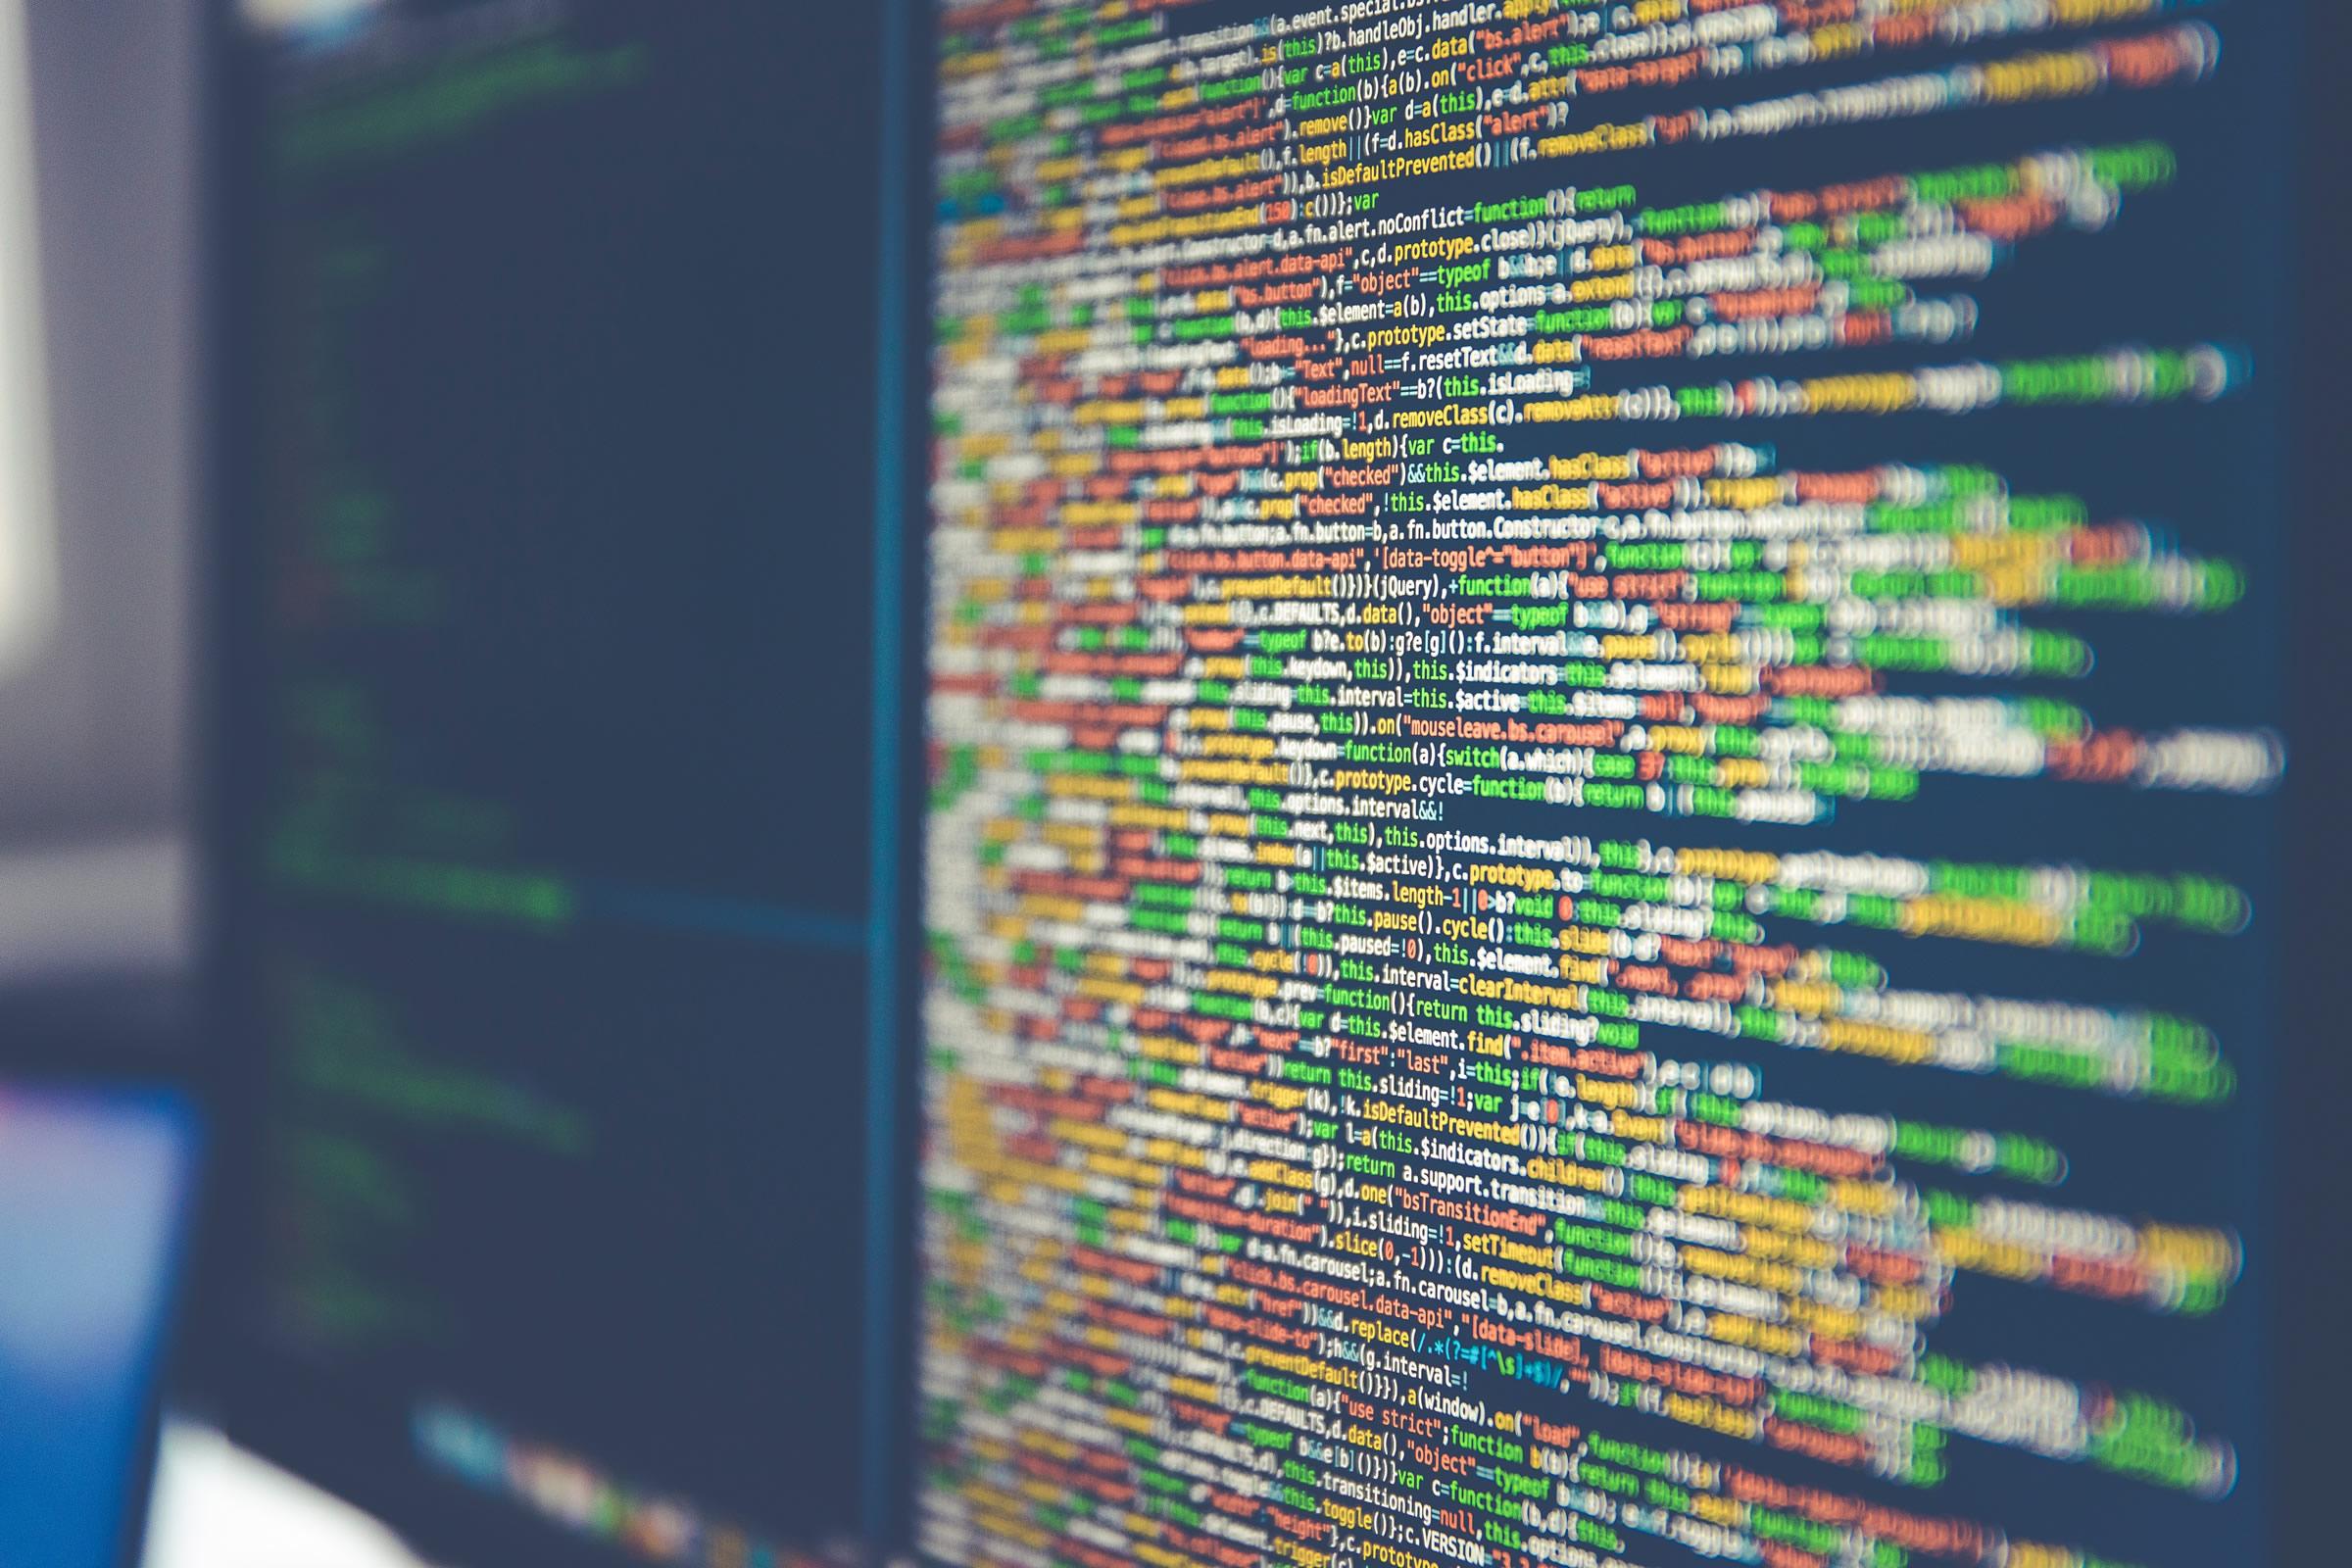 Herramientas de software y desarrollo